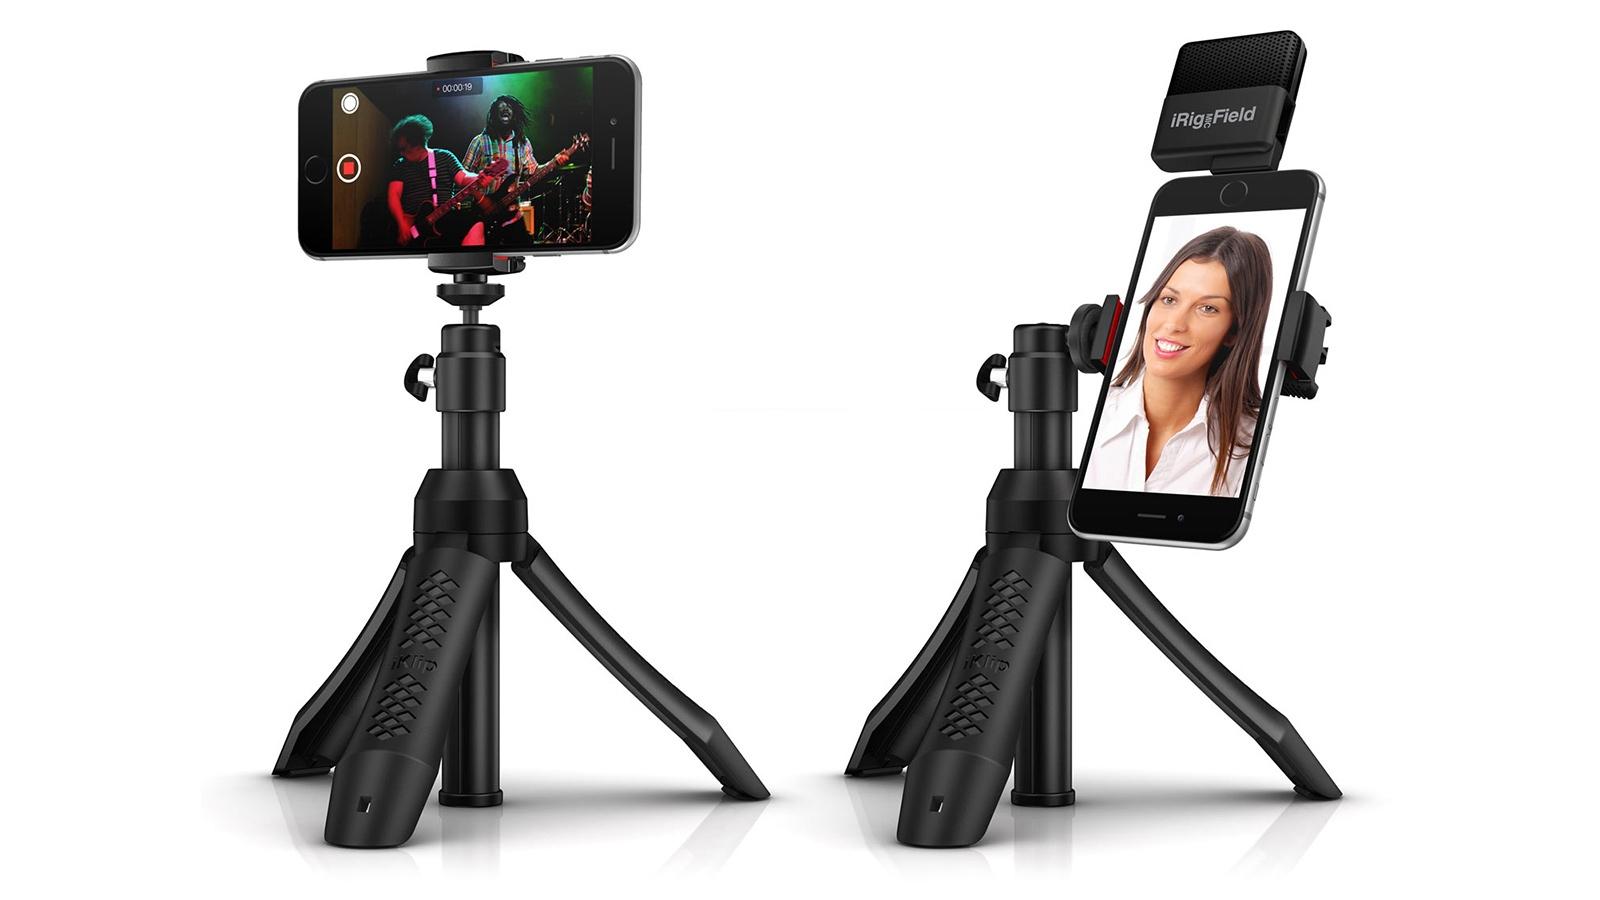 iKlip Grip Pro IK Multimedia